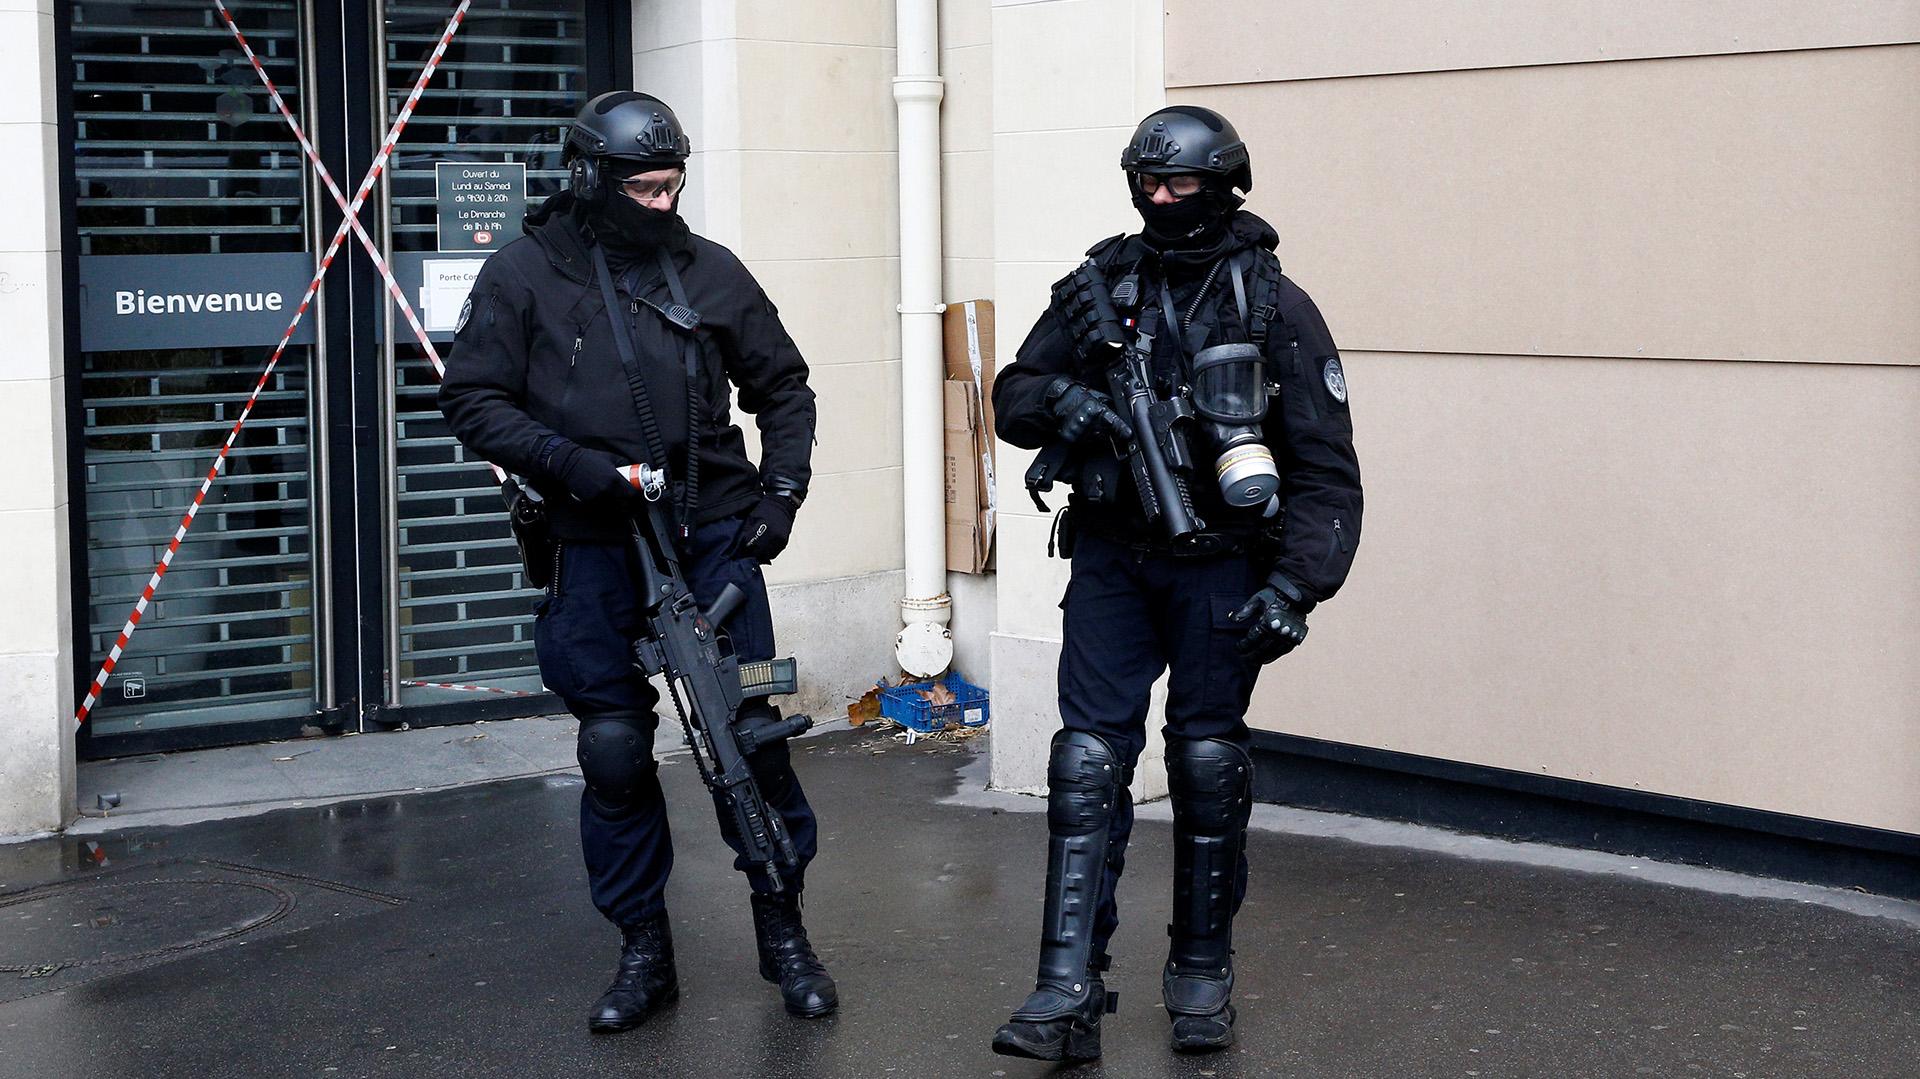 Por primera vez en más de una década, se vieron en la capital vehículos blindados de la gendarmería (REUTERS/Stephane Mahe)